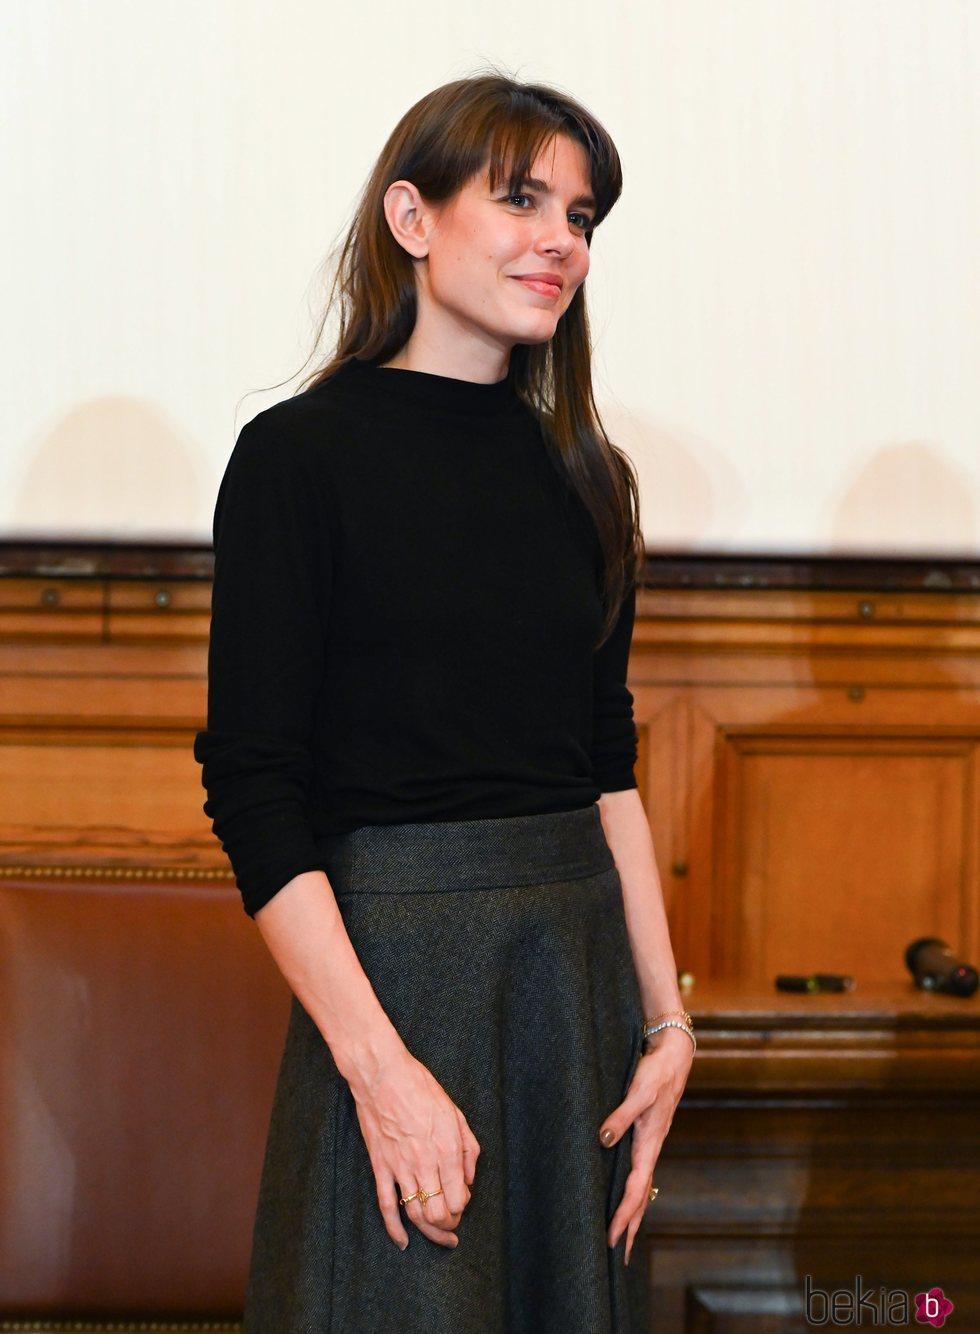 En la boda de su hermano - Los 30 mejores looks de Carlota Casiraghi - TELVA.com